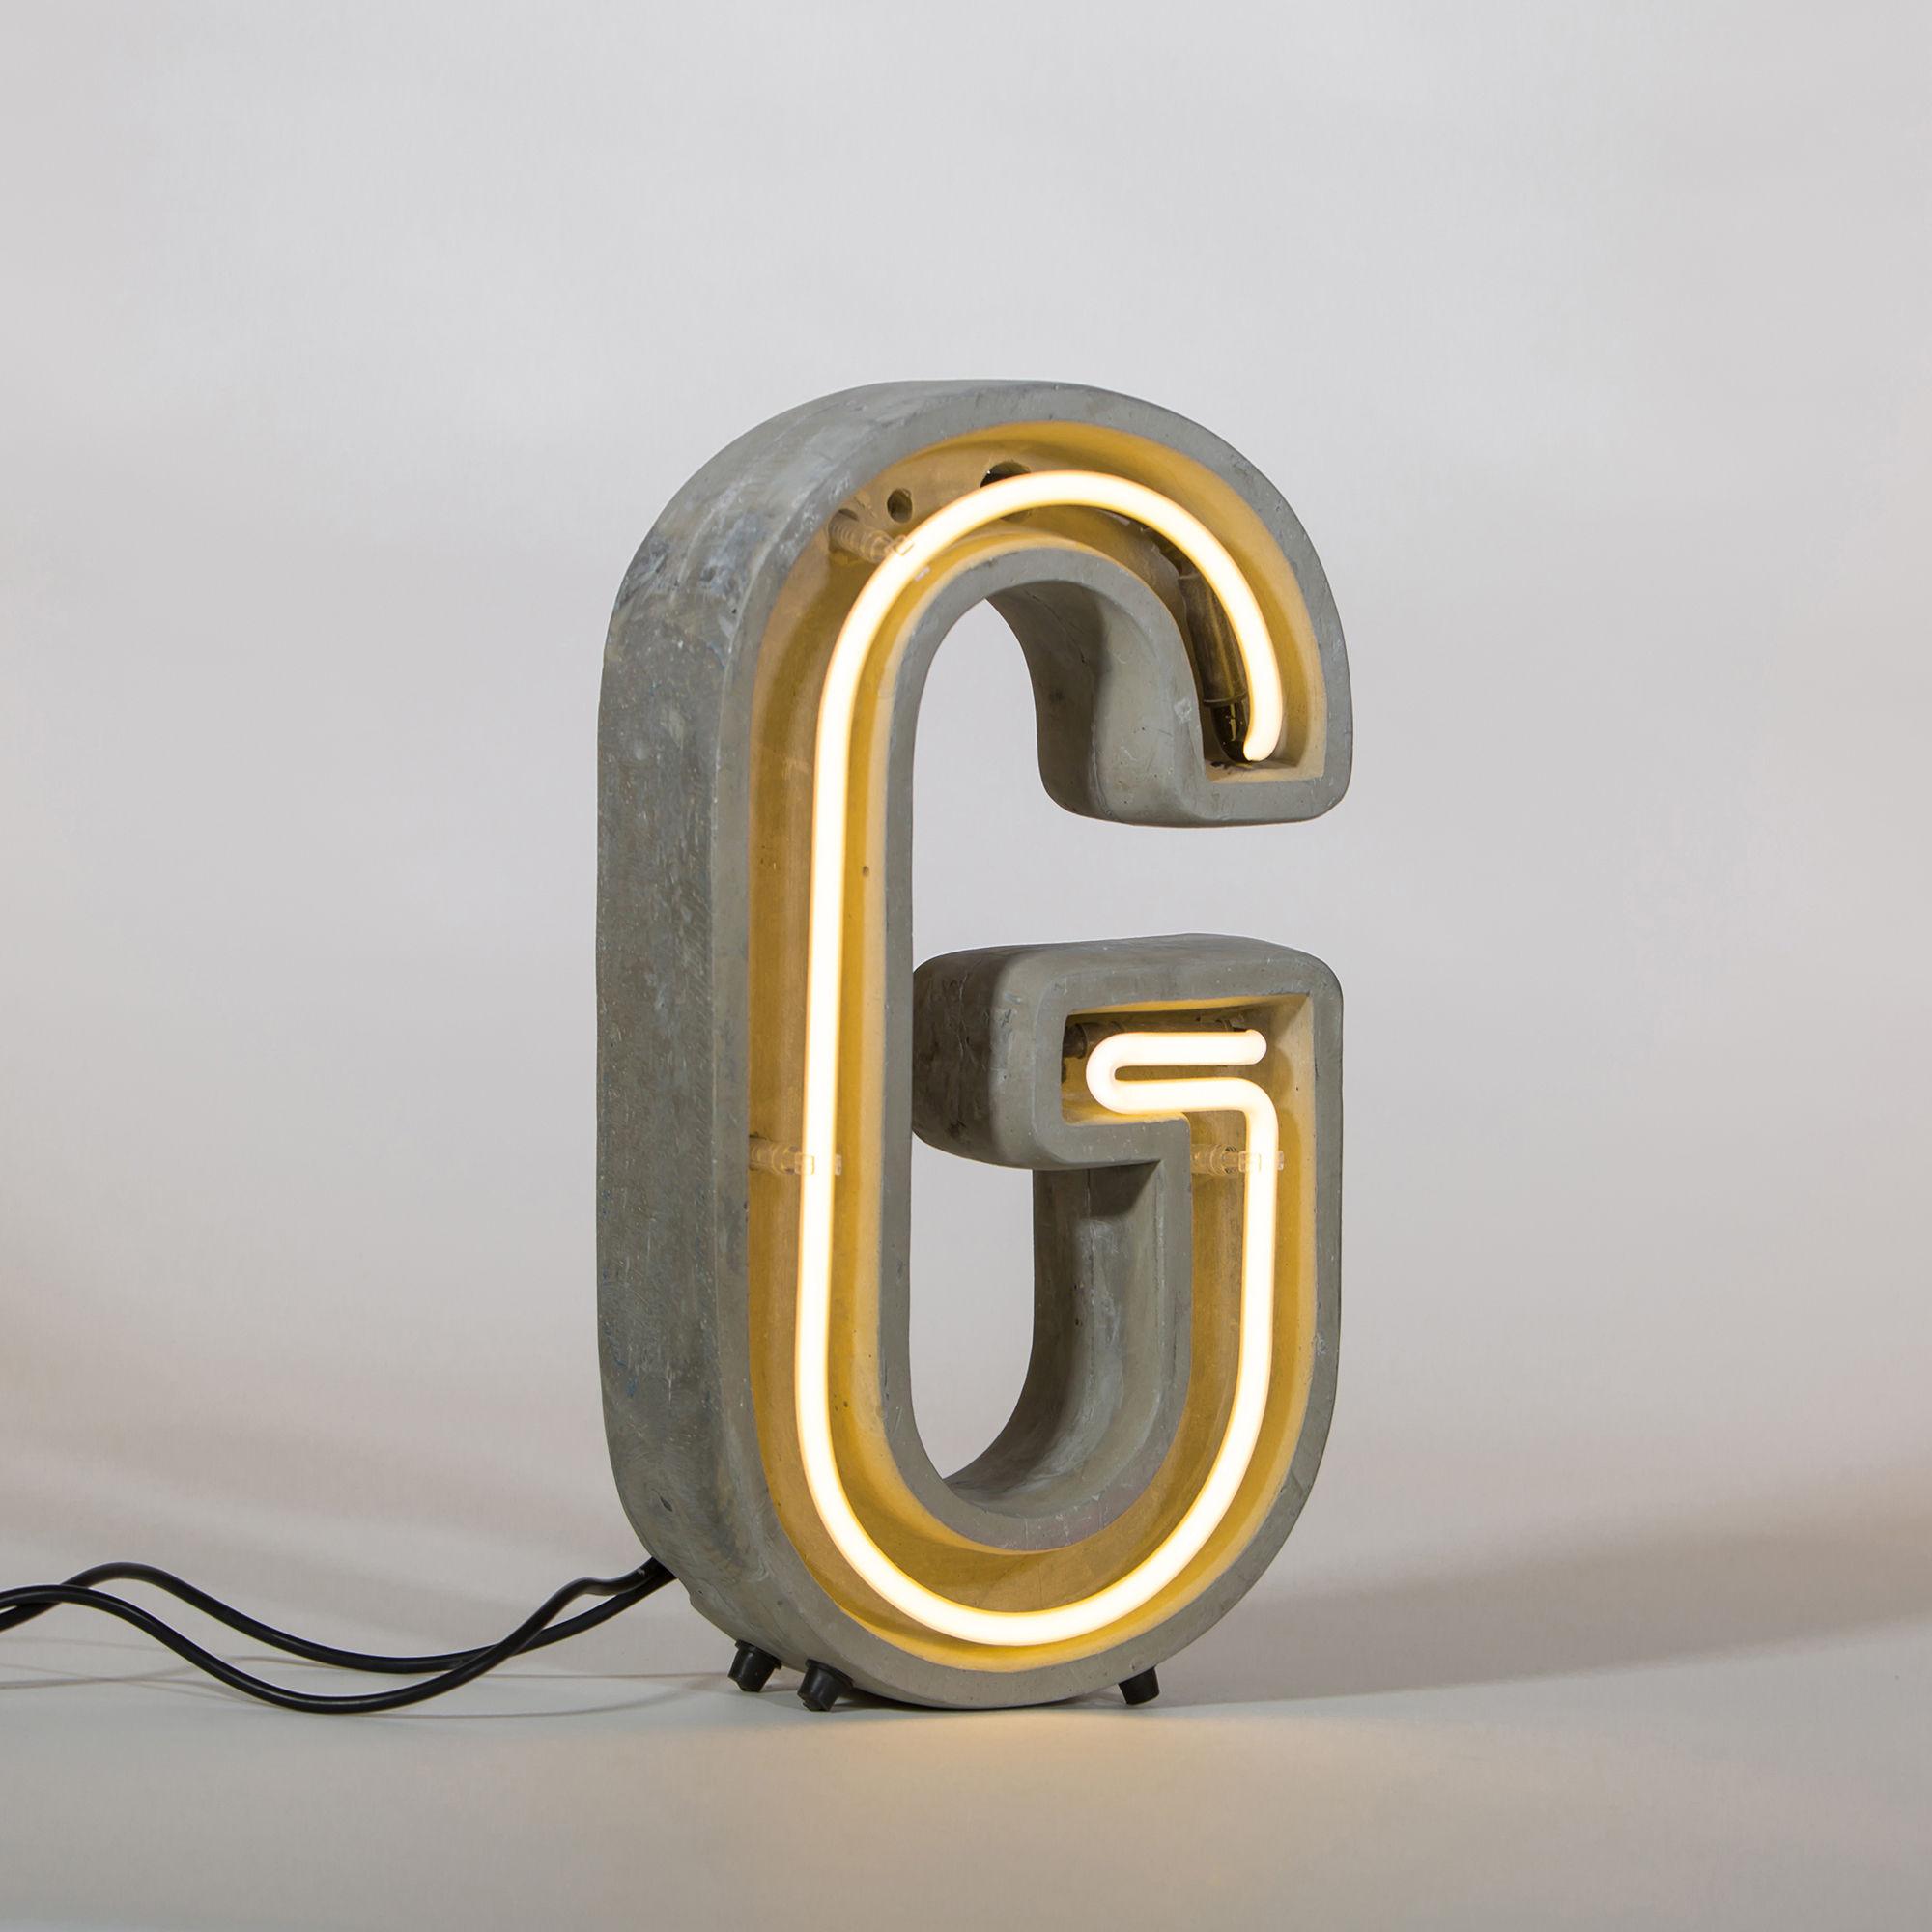 Luminaire - Lampes de table - Lampe de table Néon Alphacrete / Lettre G - Intérieur / extérieur - Seletti - Lettre G - Ciment, Verre